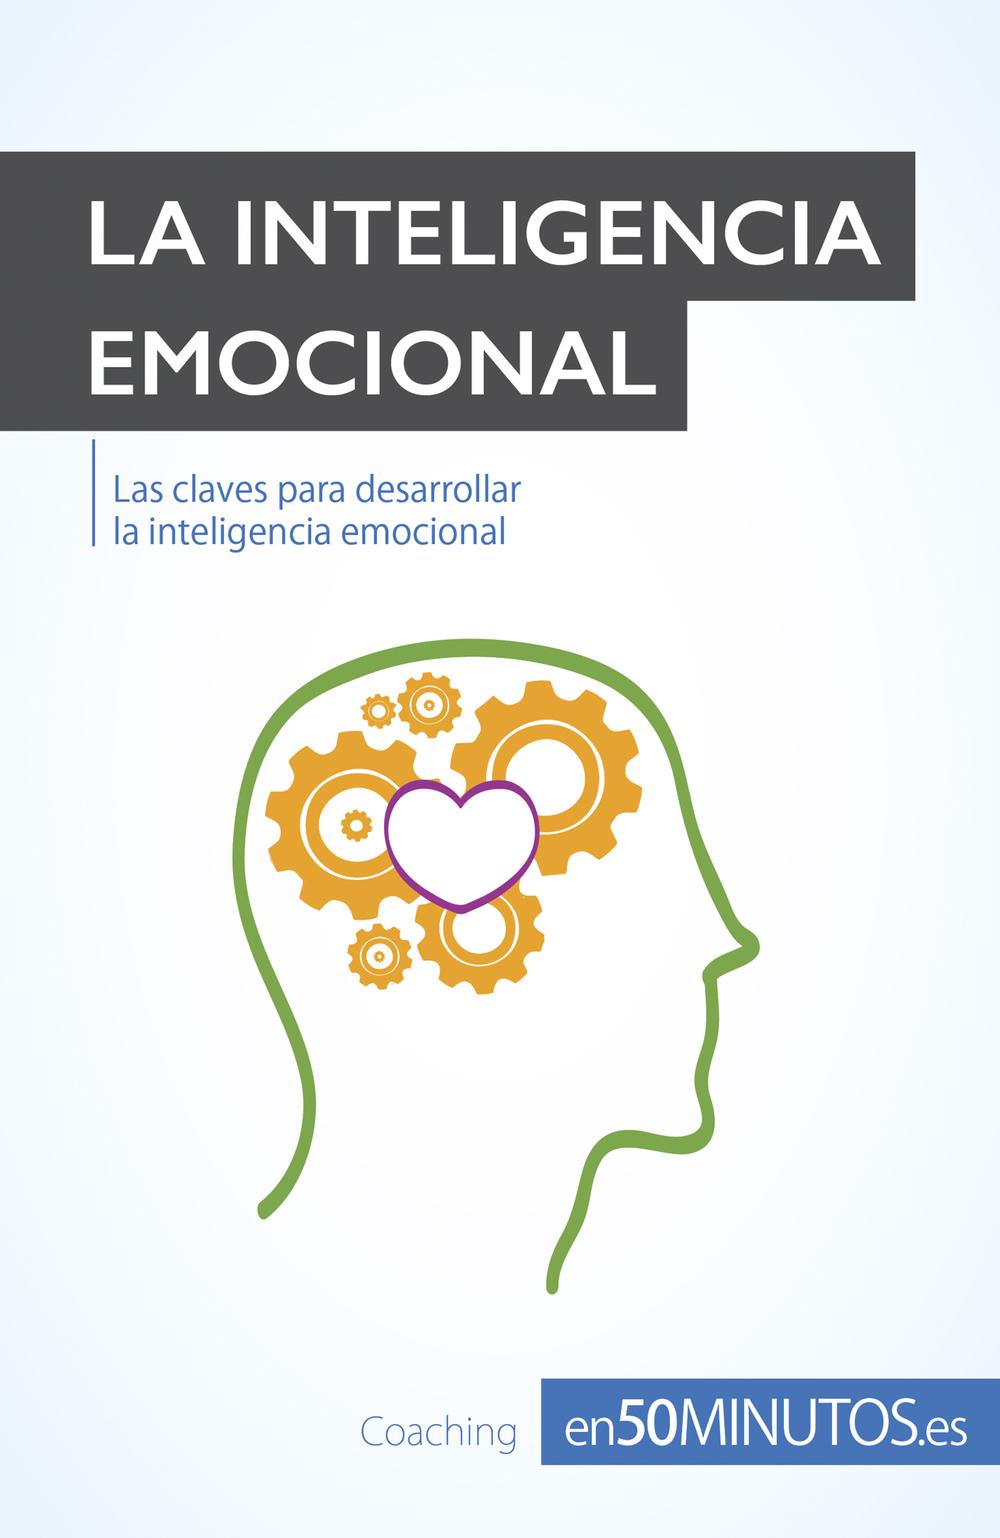 La inteligencia emocional